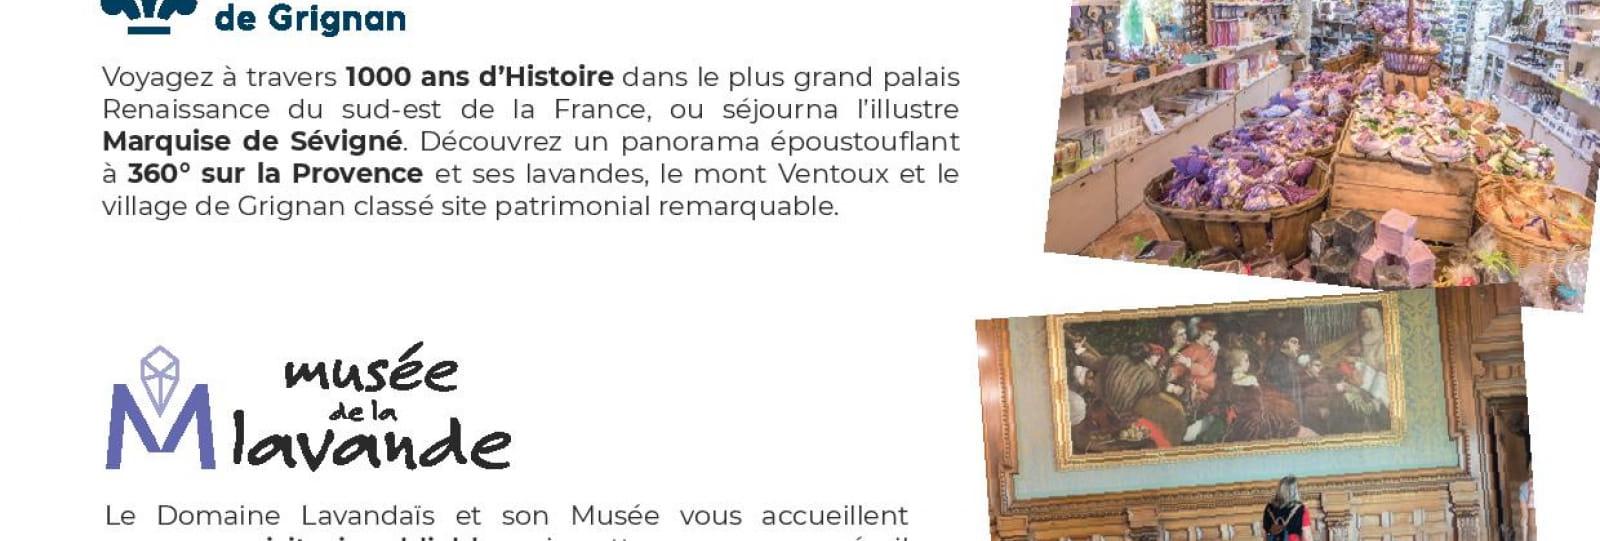 Recto - Journée Exploration : Château de Grignan et Musée de la Lavande